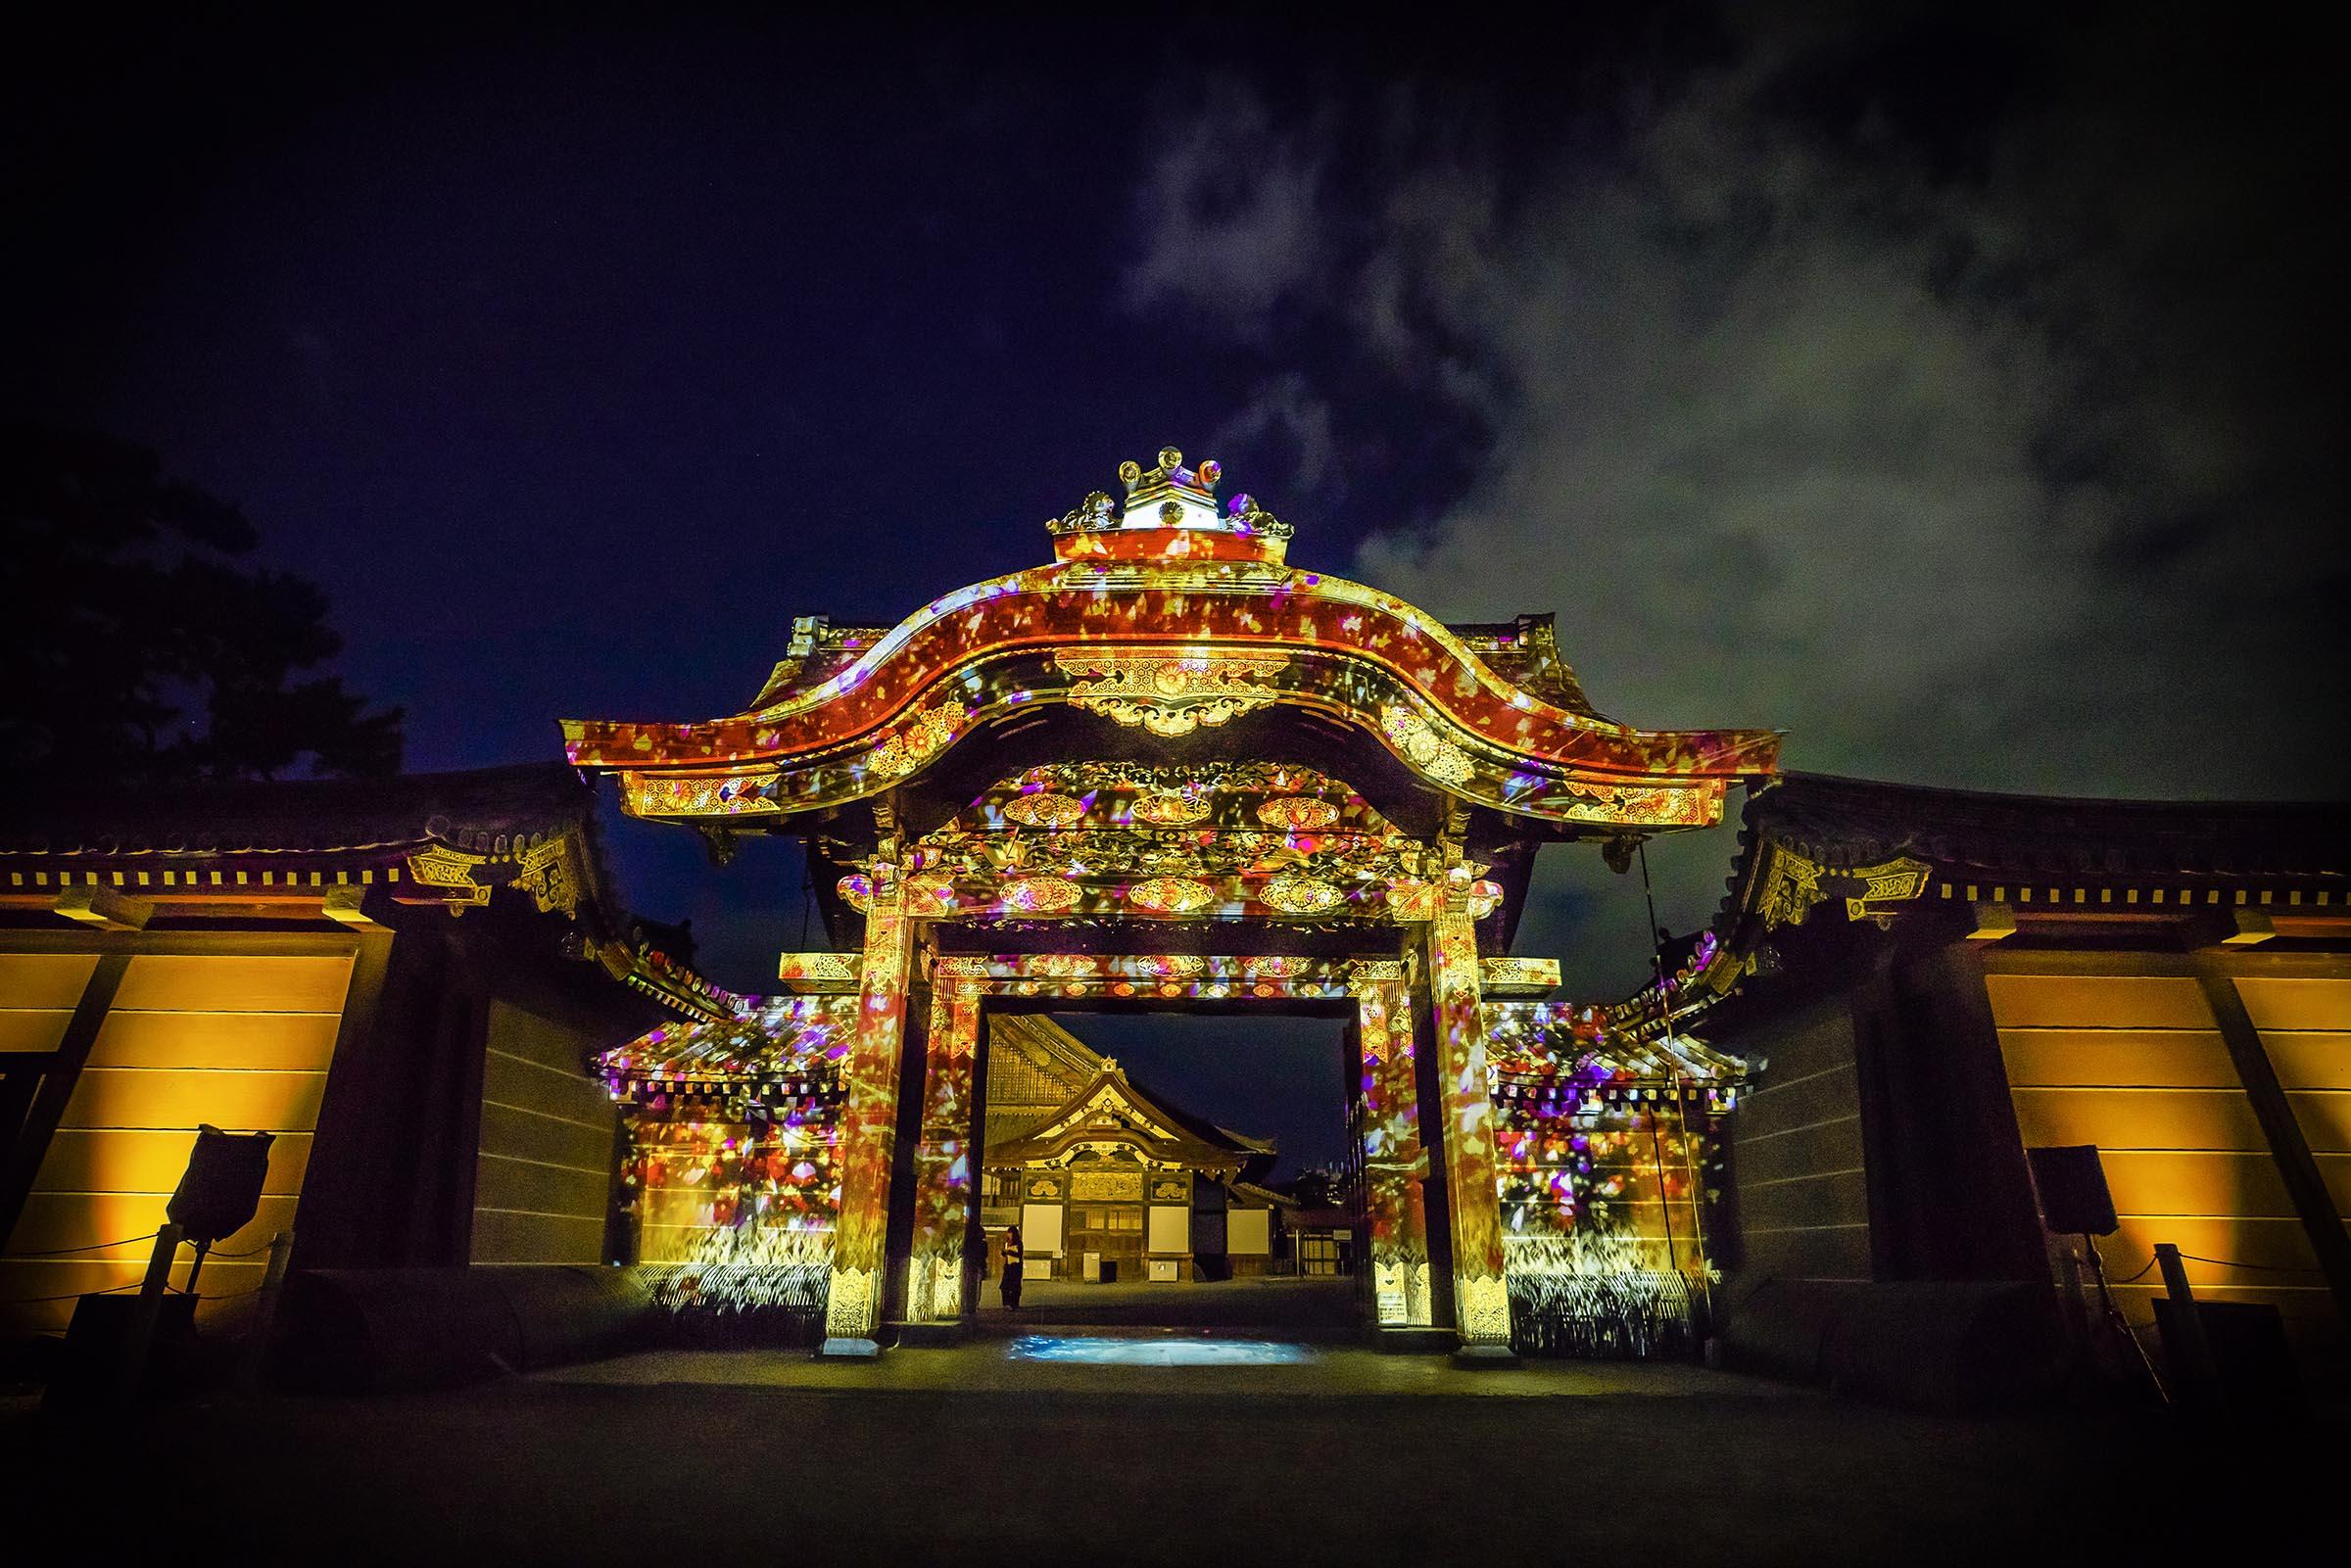 世界遺産 二条城「秋季特別ライトアップ FLOWERS BY NAKED 2018 ー京都・二条城ー」